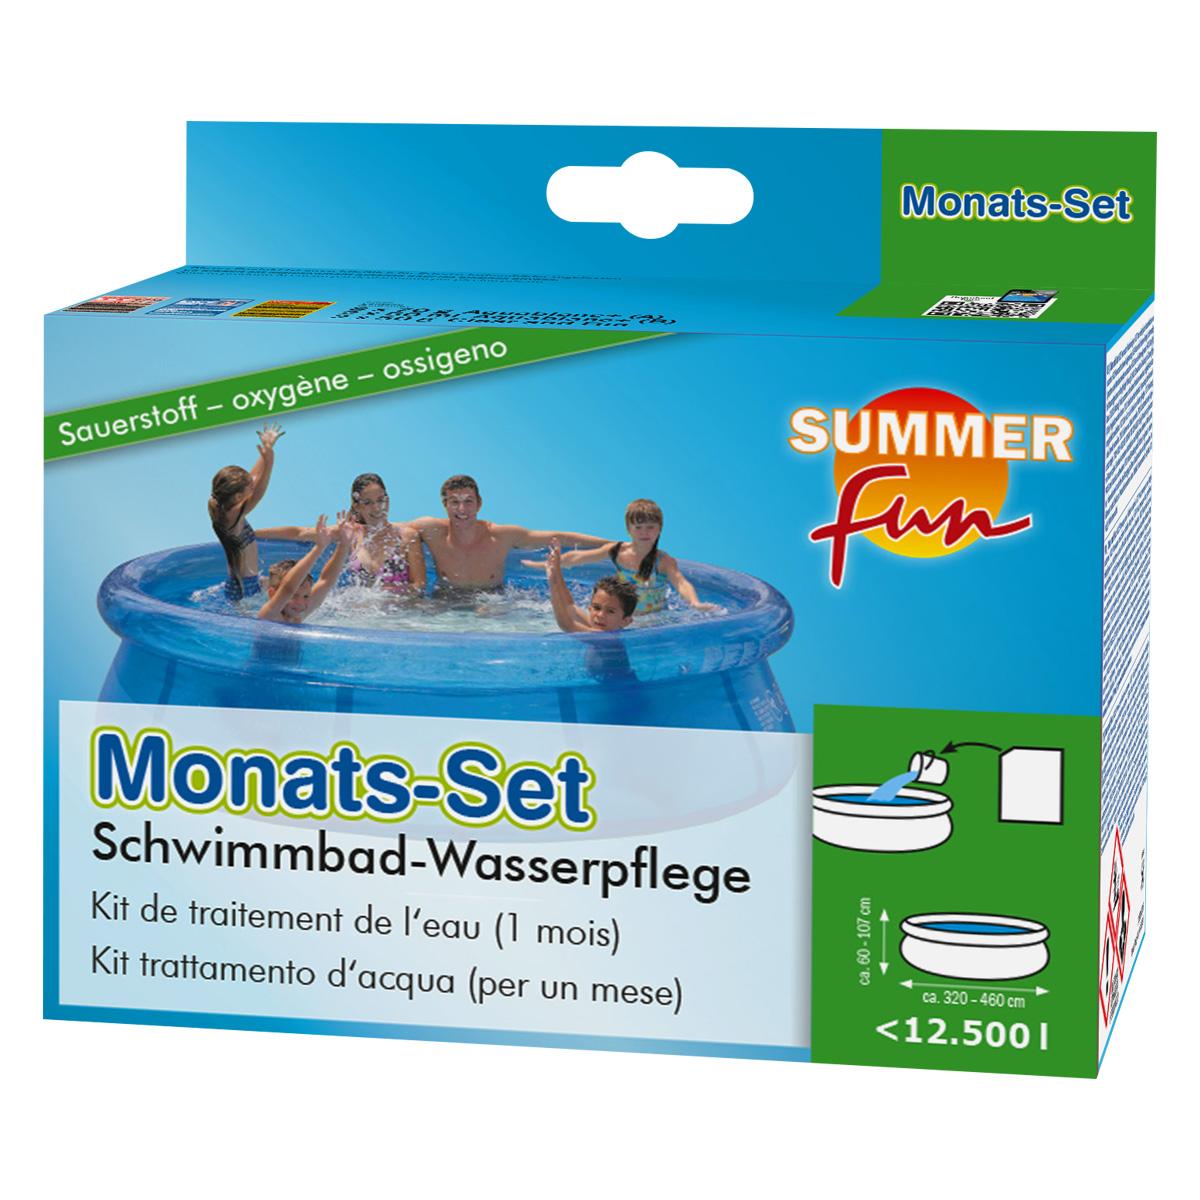 Monatsset Sauerstoff - Die passende Poolpflege von Summer Fun